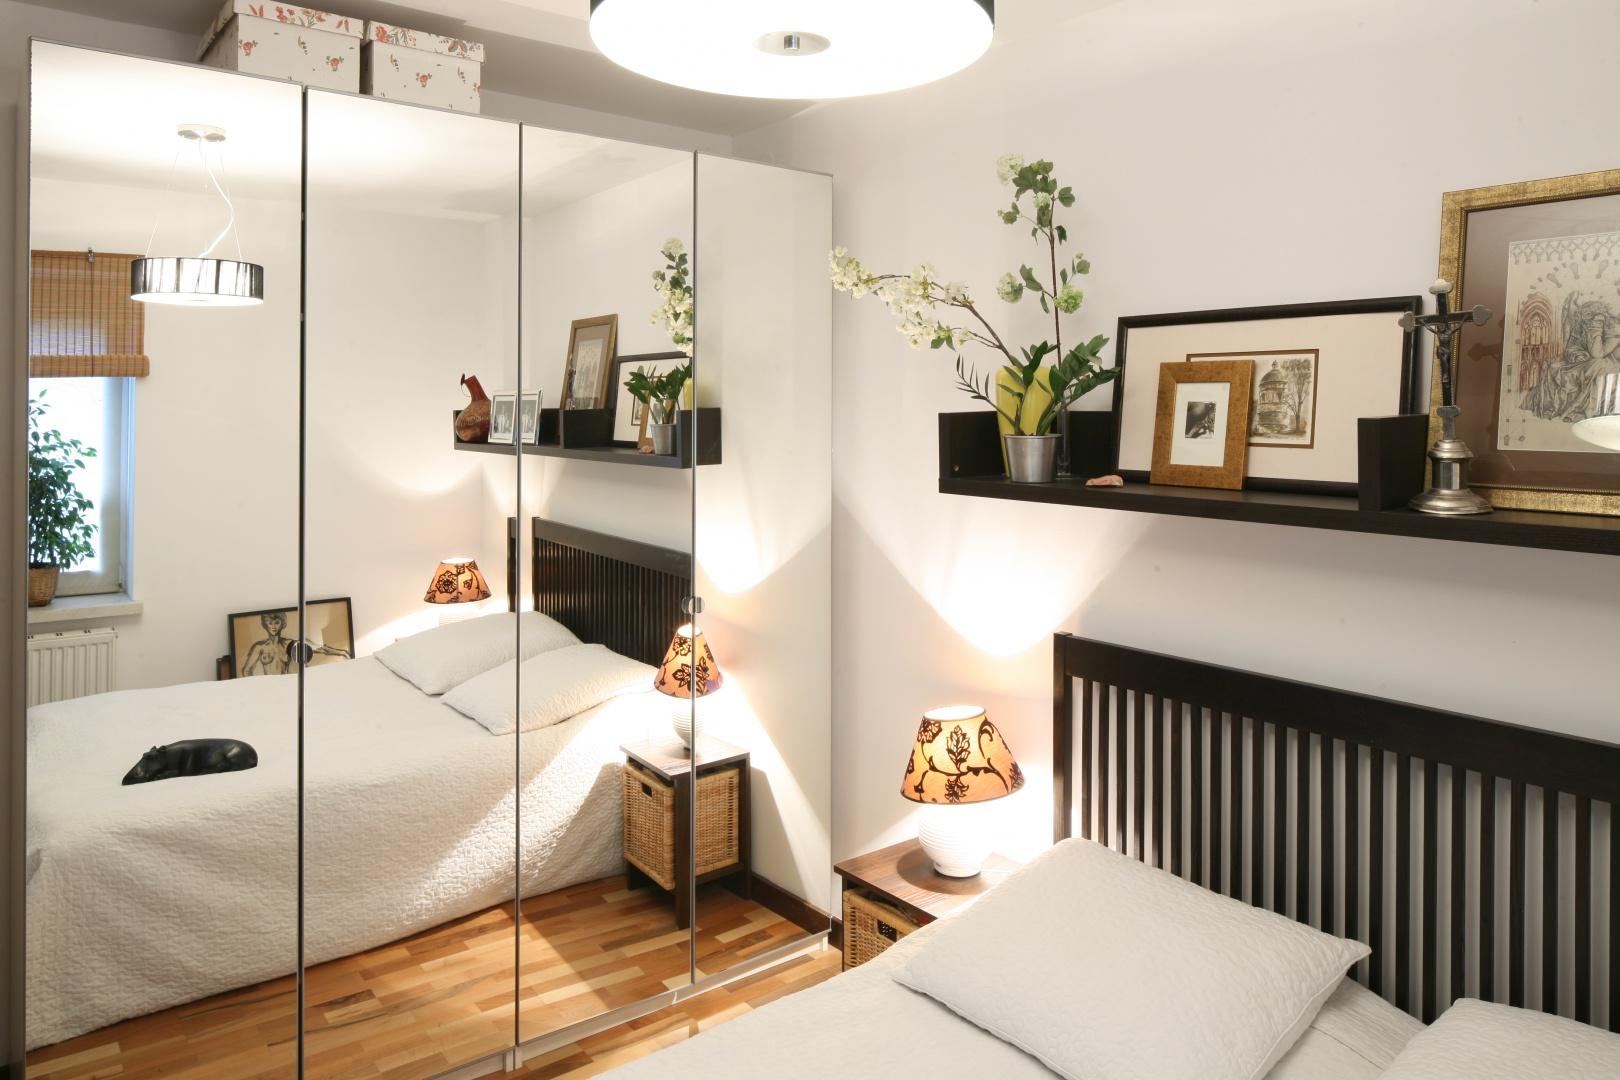 Dzięki lustrom sypialnia od razu wydaje się większa. To optyczne złudzenie nadaje charakteru każdemu, nawet najmniejszemu pomieszczeniu. Można je tradycyjnie umieścić na drzwiach szafy, lub bardziej nowocześnie na ścianie. Projekt: Marcin Lewandowicz. Fot. Bartosz Jarosz